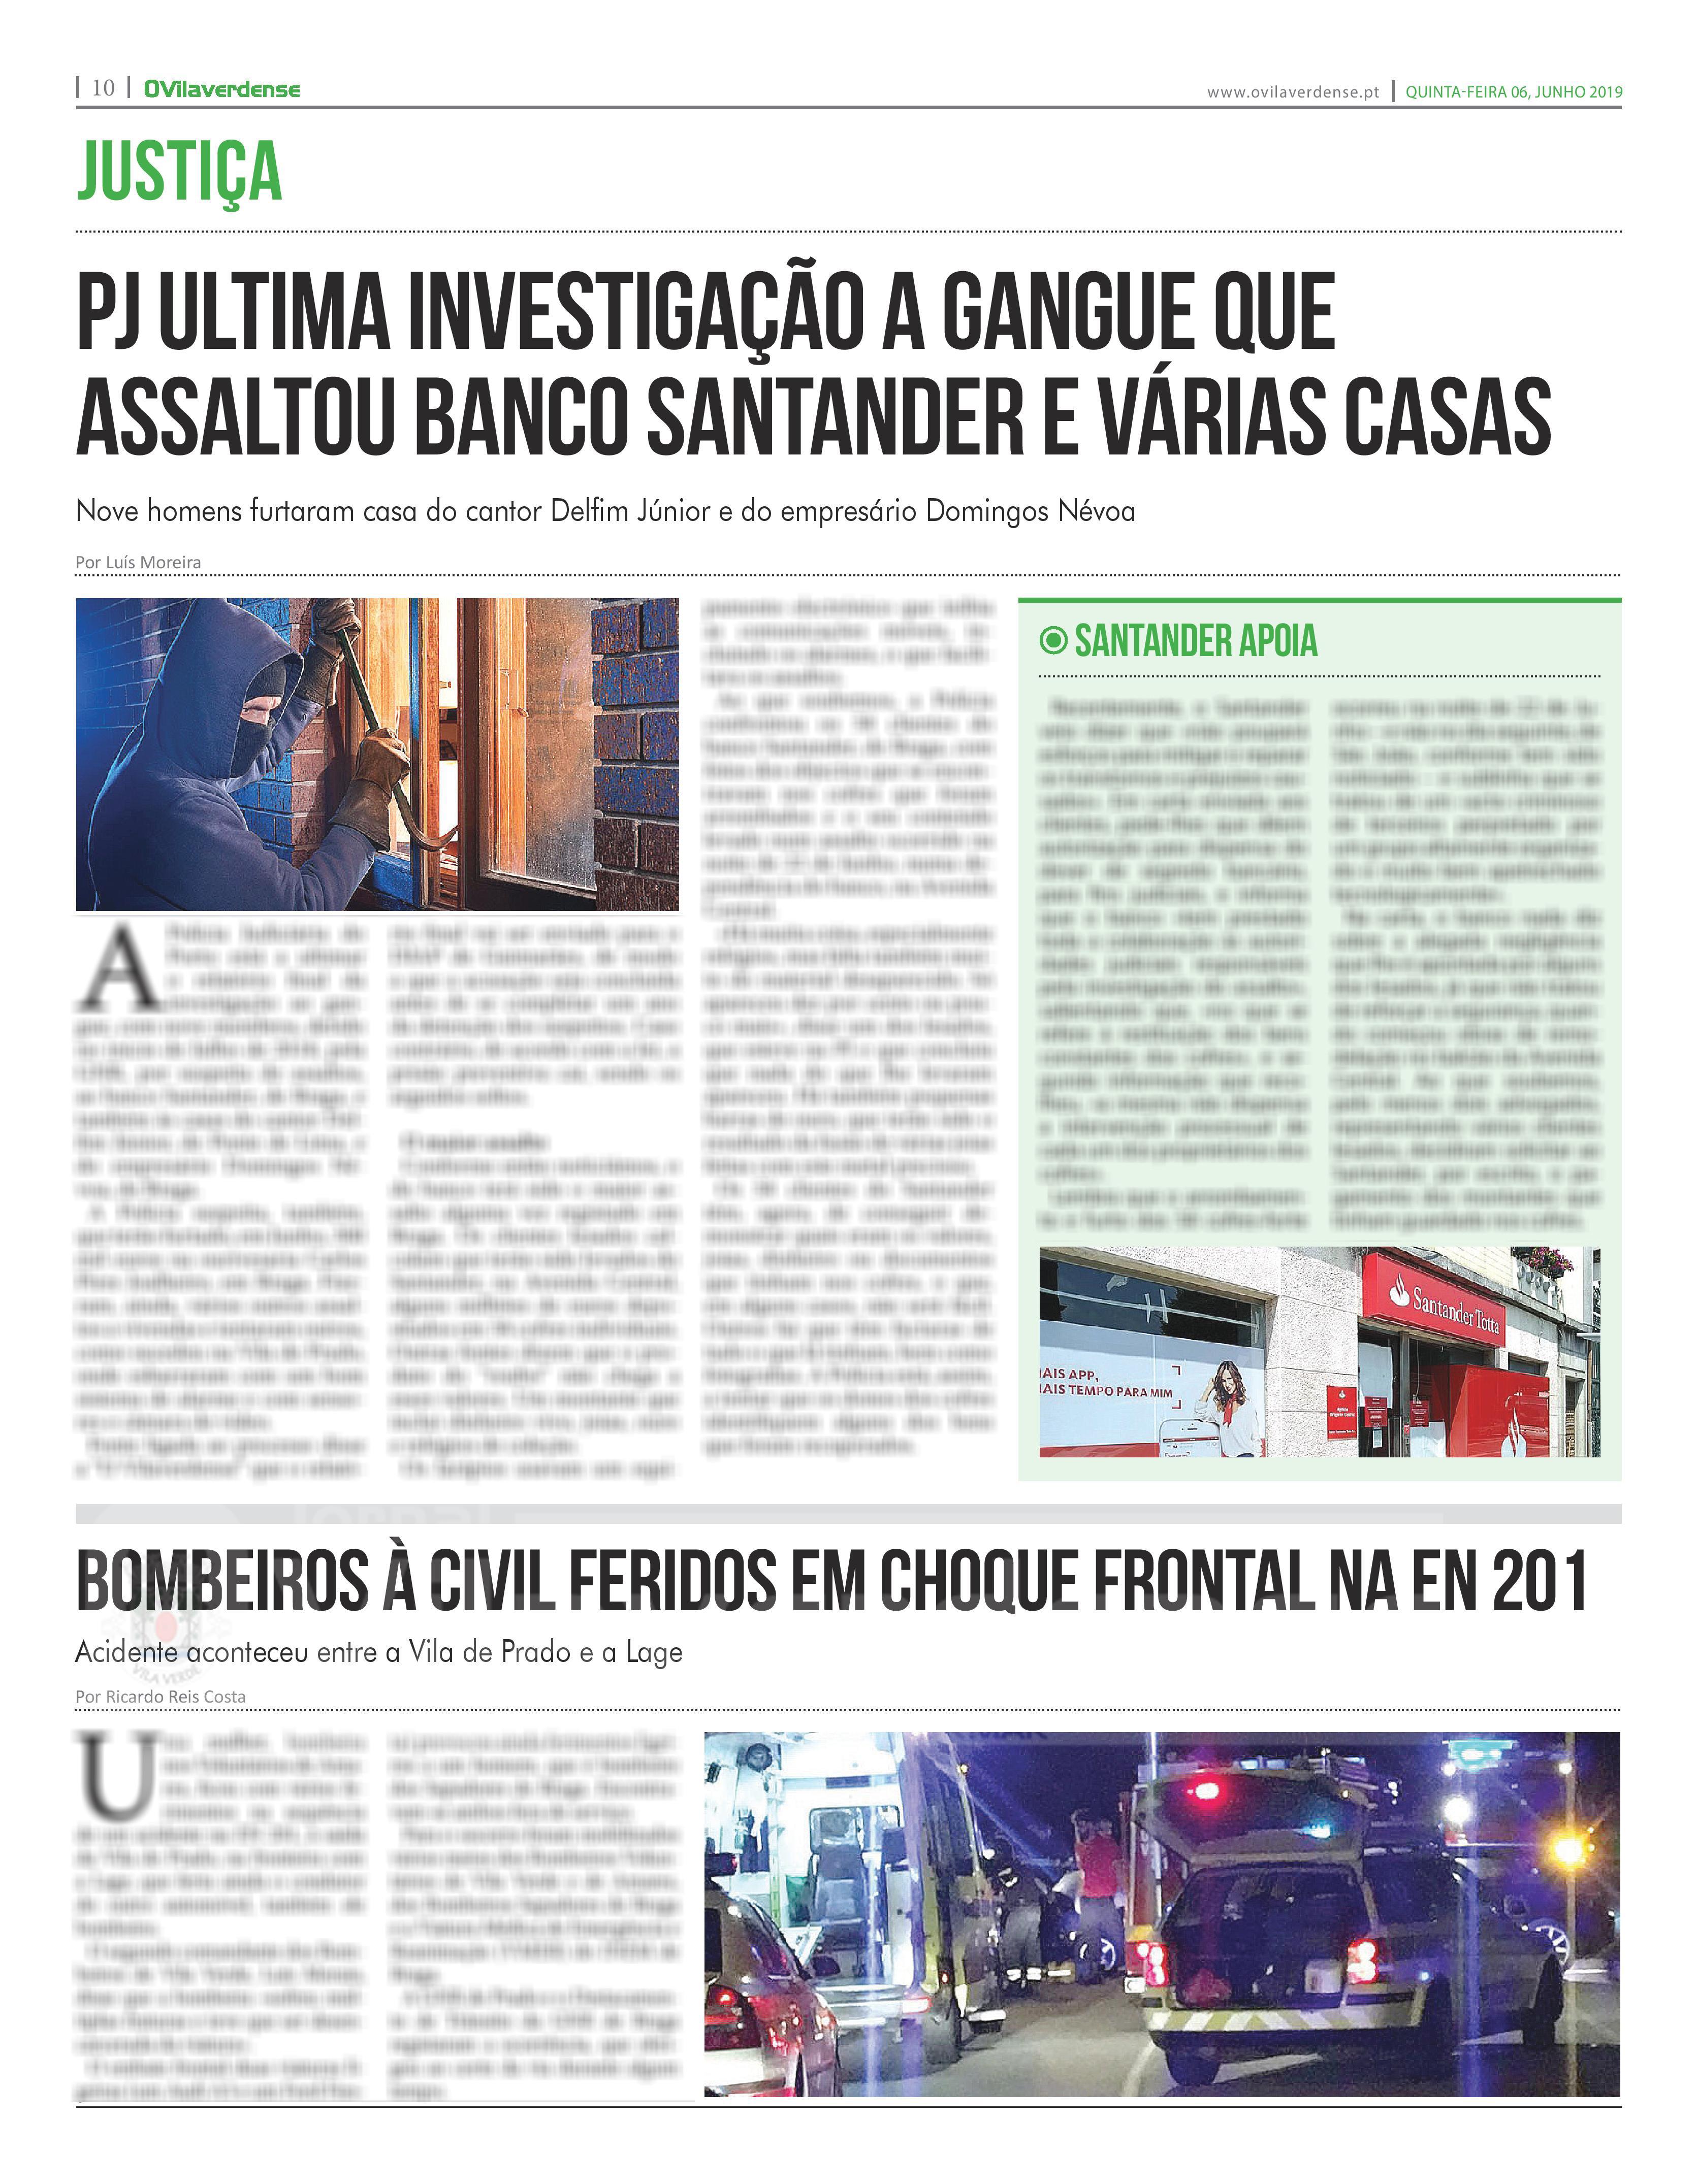 EDIÇÃO IMPRESSA – PJ ultima investigação a gangue que assaltou banco Santander e várias casas